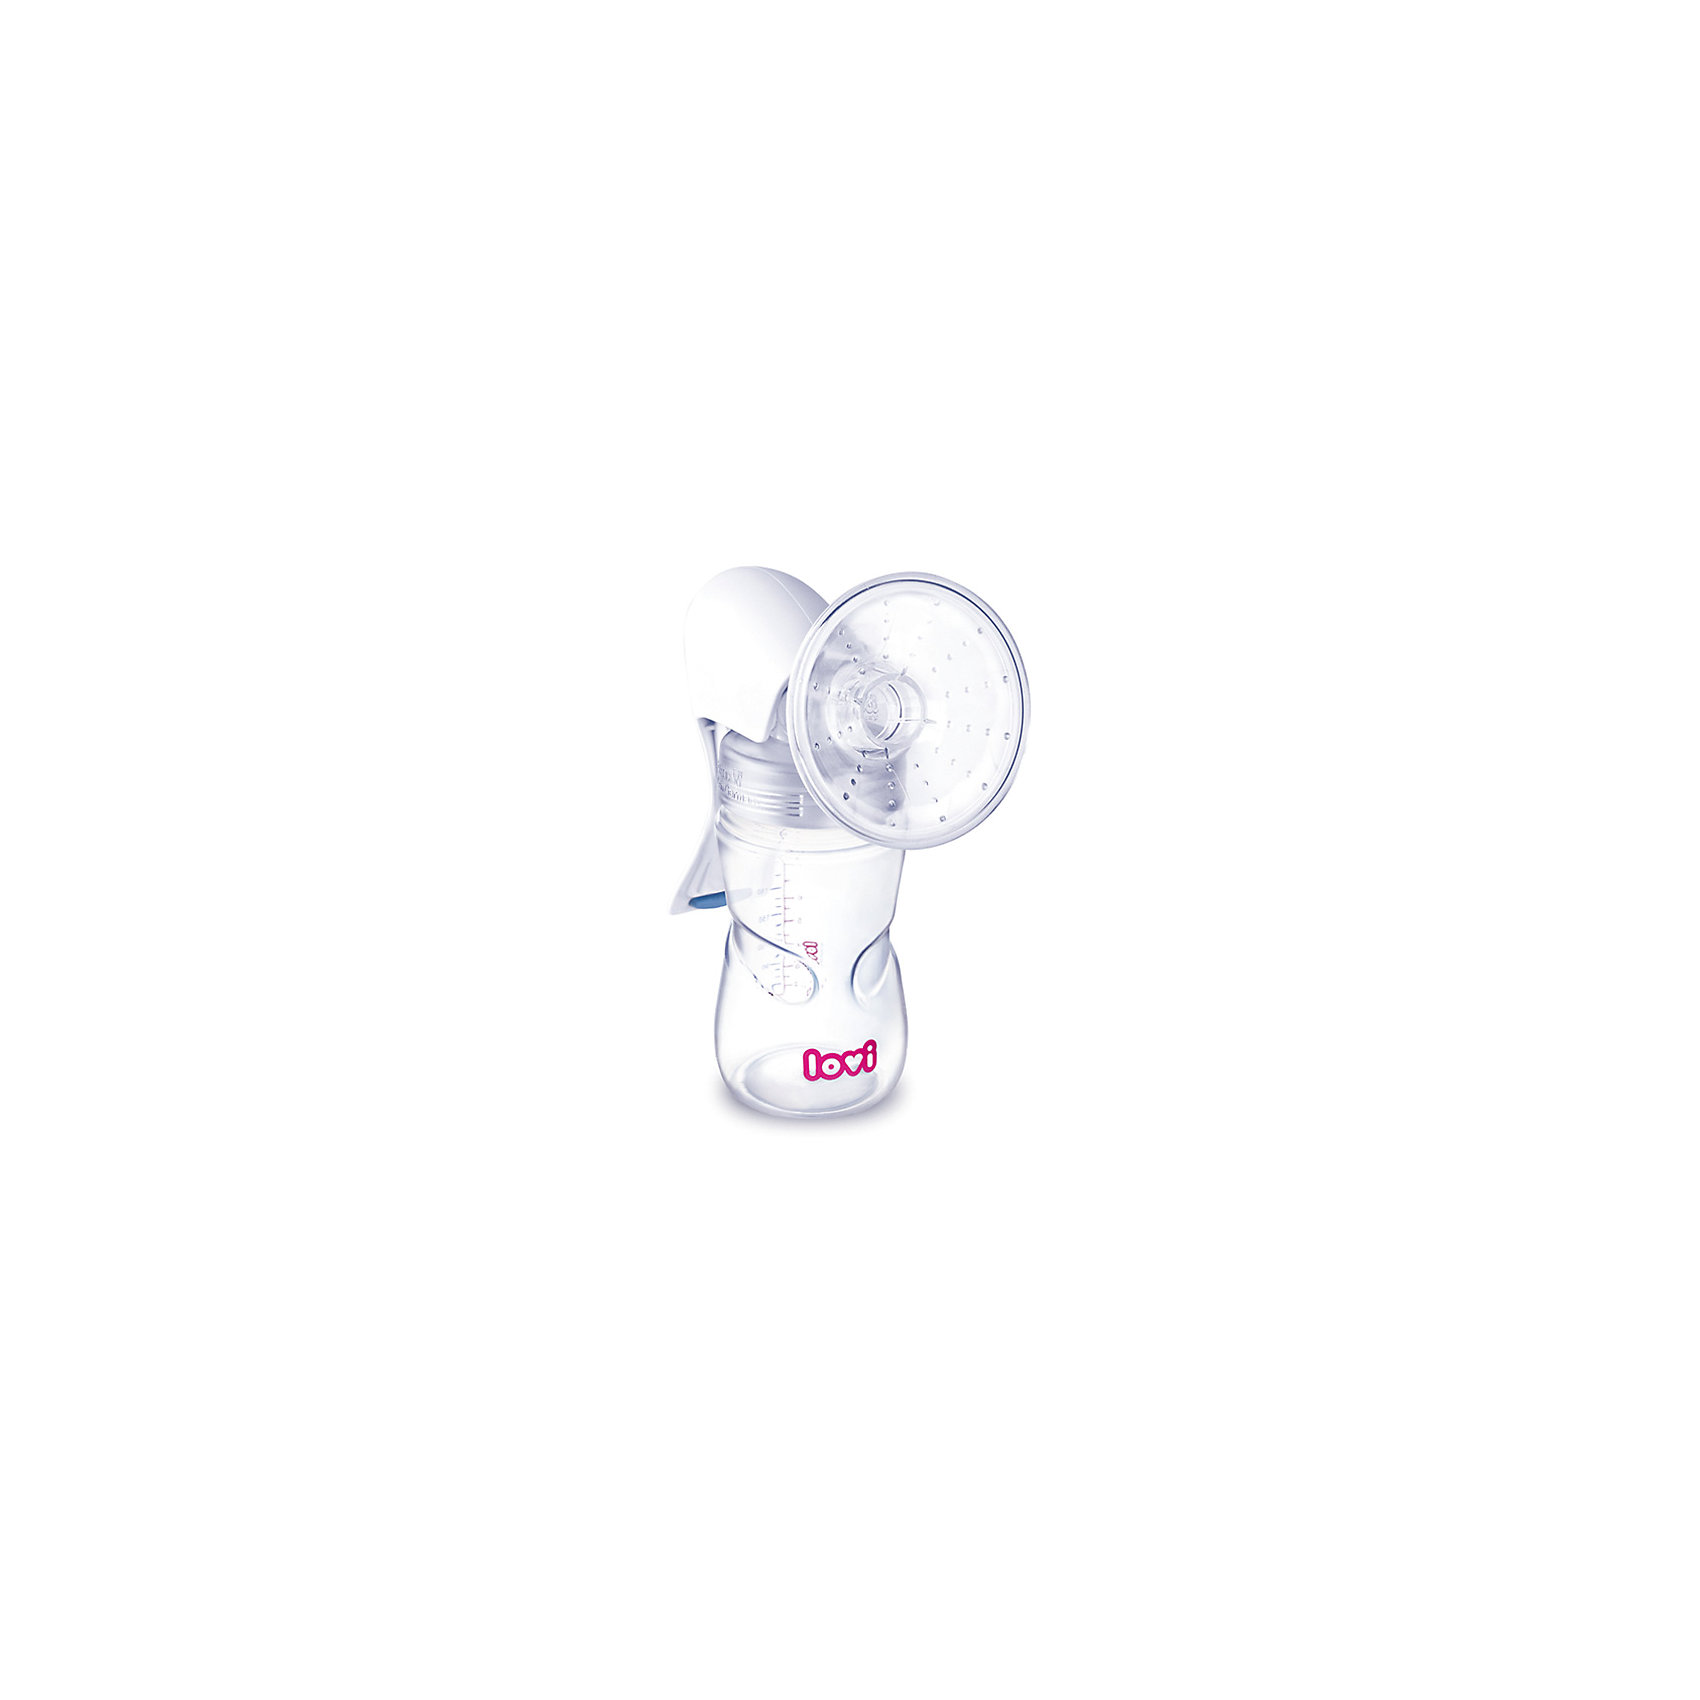 Ручной молокоотсос + подарок 2 шт соски, LoviМолокоотсосы и аксессуары<br>Ручной молокоотсос + подарок 2 шт соски, Lovi (Лови).<br><br>Характеристика:<br><br>• Материал: полипропилен, силикон, тритан.<br>• Размер упаковки: 22х26х16 см.<br>• Комплектация: молокоотсос, силиконовая накладка, крышка для силиконовой накладки, бутылочка Lovi 250 мл (0% BPA), силиконовая динамическая соска Lovi (поток мини, 0+ мес.), эластичный уплотнительный диск, завинчивающаяся крышка, колпачок со шкалой. <br>• В подарок: 2 соски ( 0мес+, мини поток; 3 мес.+, переменный поток).<br>• Силиконовая динамичная соска Lovi постоянно изменяет свою форму в процессе кормления.<br>• Регулирование силы сцеживания.<br>• Эргономичная форма бутылочки и рукоятки.<br><br>Ручной молокоотсос от Lovi станет незаменимым помощником для любой мамы. Молокоотсос удобен и прост использовании. Силиконовая массажная накладка обеспечит эффективное, безболезненное, комфортное сцеживание. Эргономичная форма бутылочки и рукоятки гарантирует правильный и удобный захват во время использования. Модель позволяет регулировать интенсивность сцеживания, подстраиваясь под индивидуальные особенности женщины.<br>Силиконовая соска Lovi - мягкая и подвижная, она может изменять форму во время кормления, подстраиваясь под ритм сосания ребенка. Соска имеет систему внутренних вставок, которые регулируют поток молока и стимулируют ребенка к активному сосанию.<br><br>Ручной молокоотсос + подарок 2 шт соски, Lovi (Лови), можно купить в нашем интернет-магазине.<br><br>Ширина мм: 220<br>Глубина мм: 255<br>Высота мм: 155<br>Вес г: 542<br>Возраст от месяцев: 0<br>Возраст до месяцев: 36<br>Пол: Унисекс<br>Возраст: Детский<br>SKU: 5254610